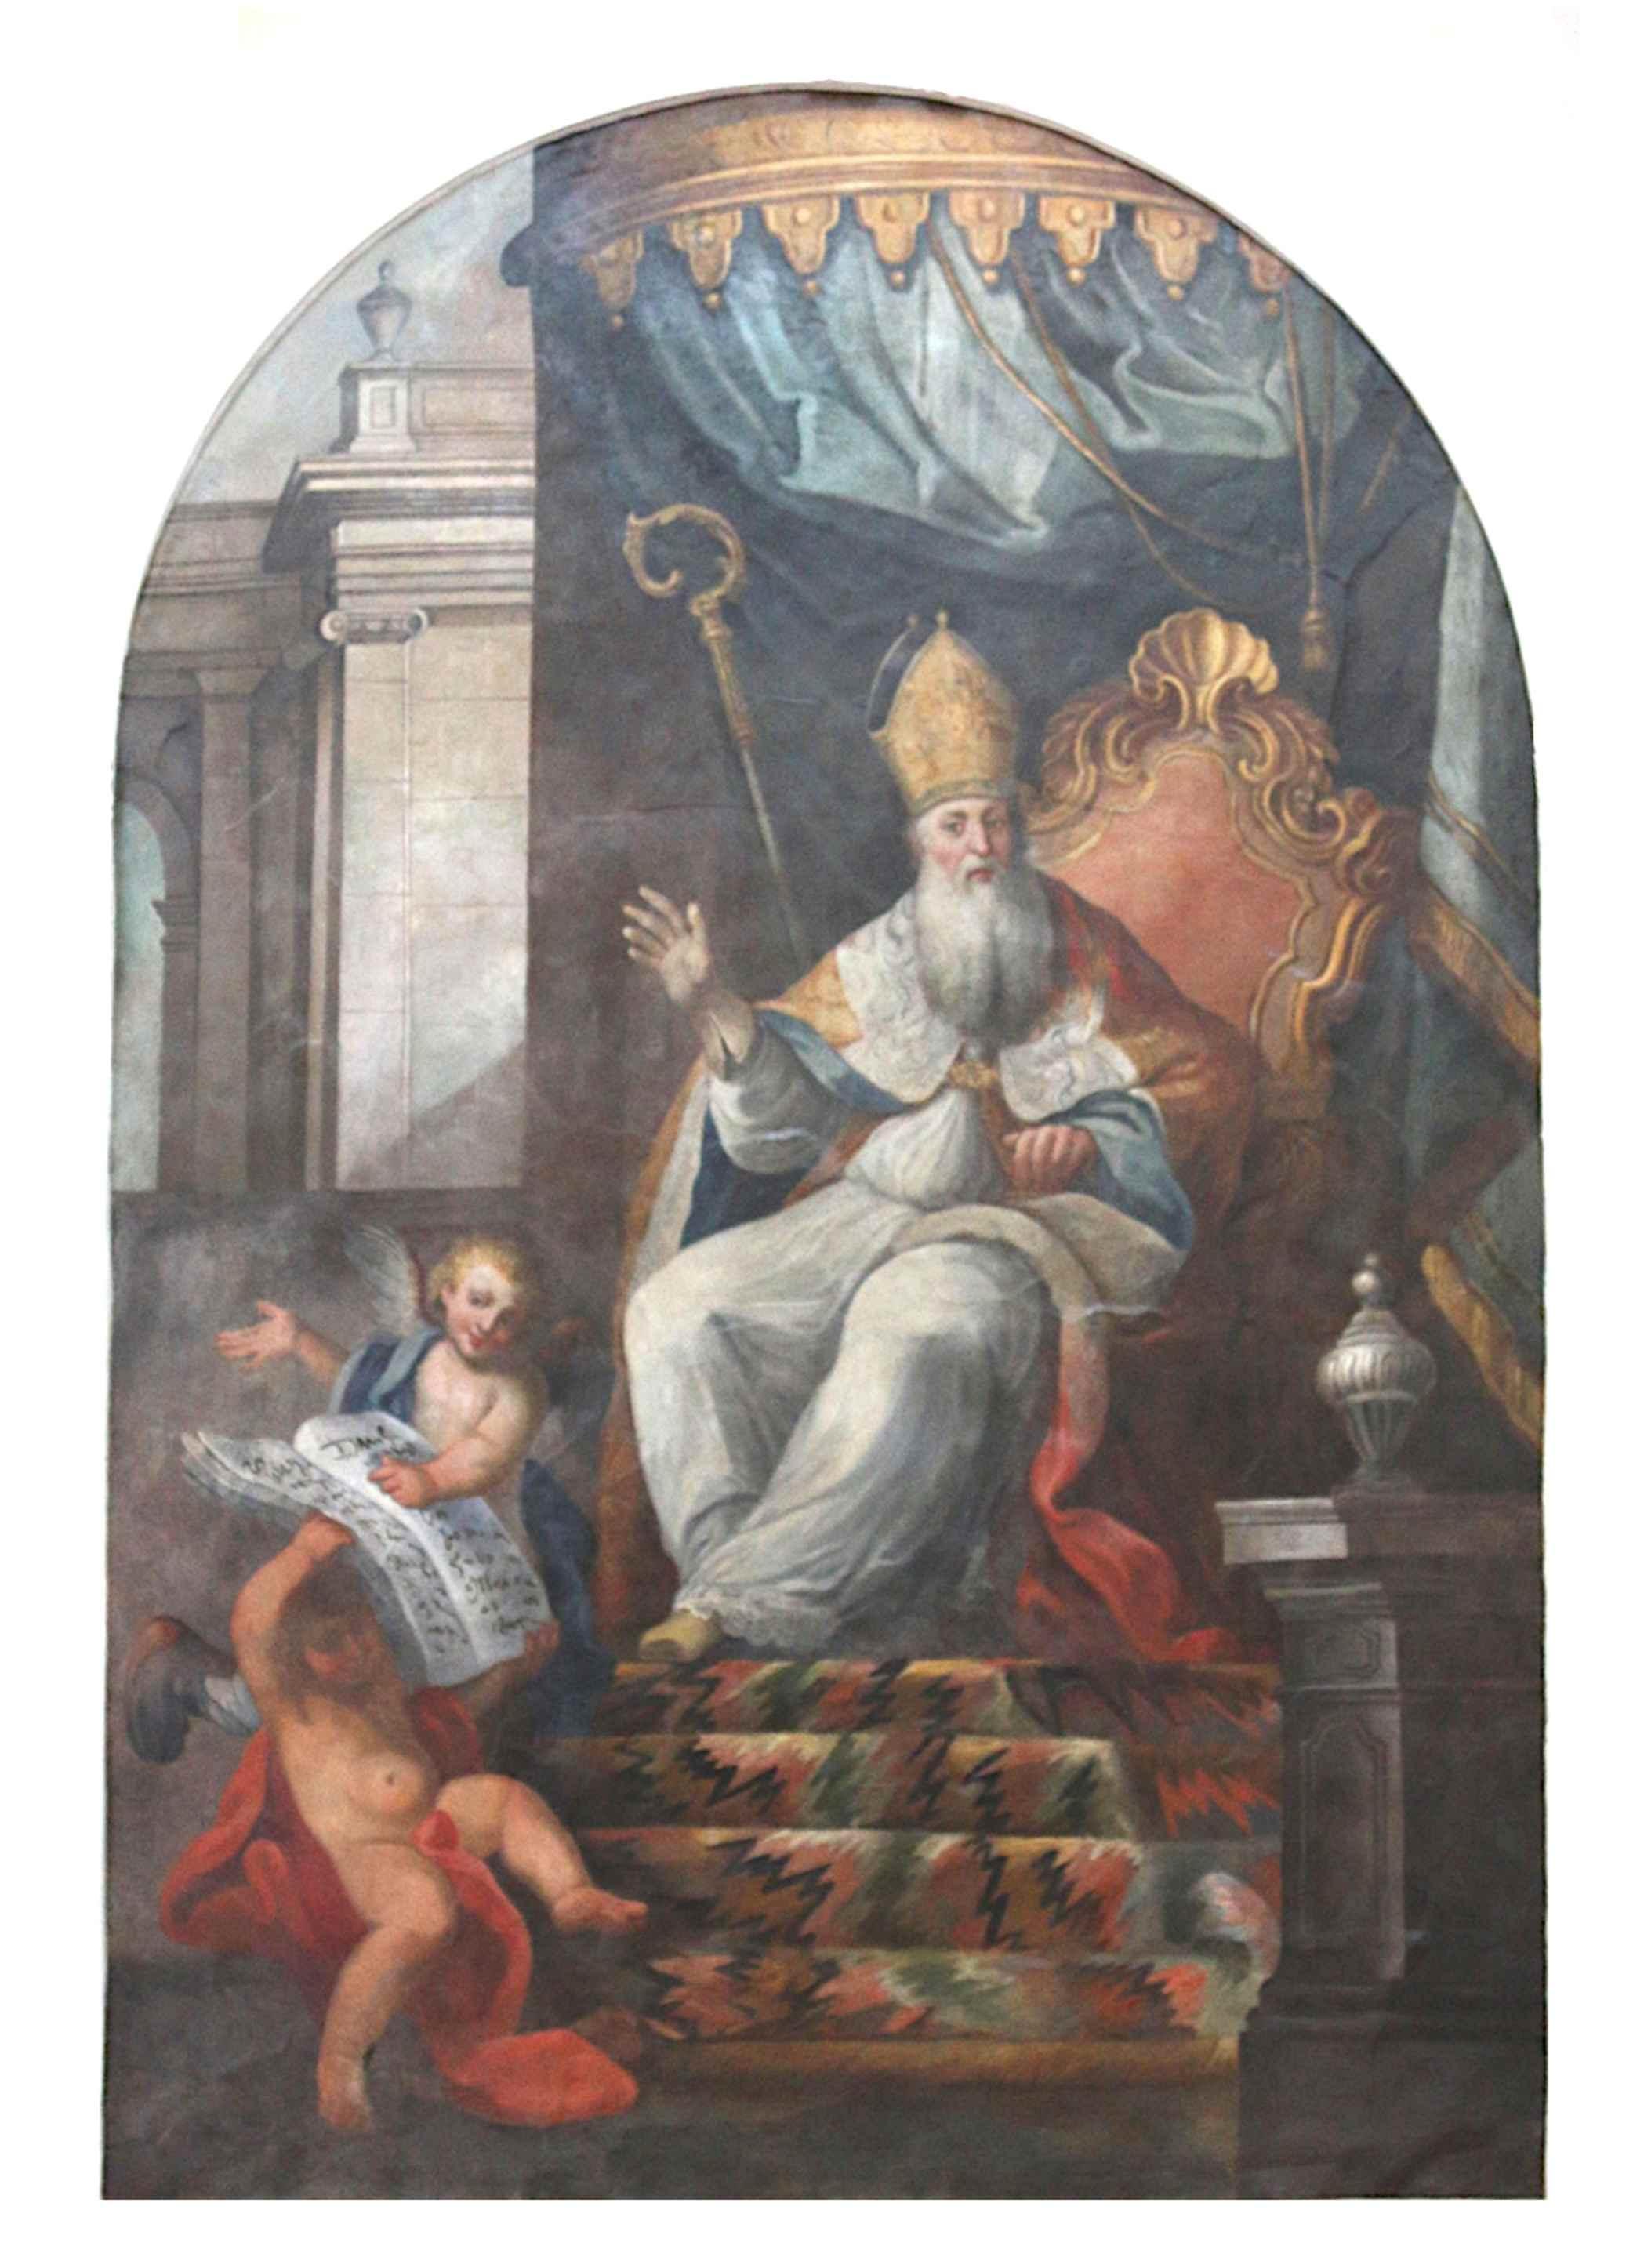 Notti di BCsicilia,Geraci Siculo: si presenta l'affresco di Sant'Agostino restaurato